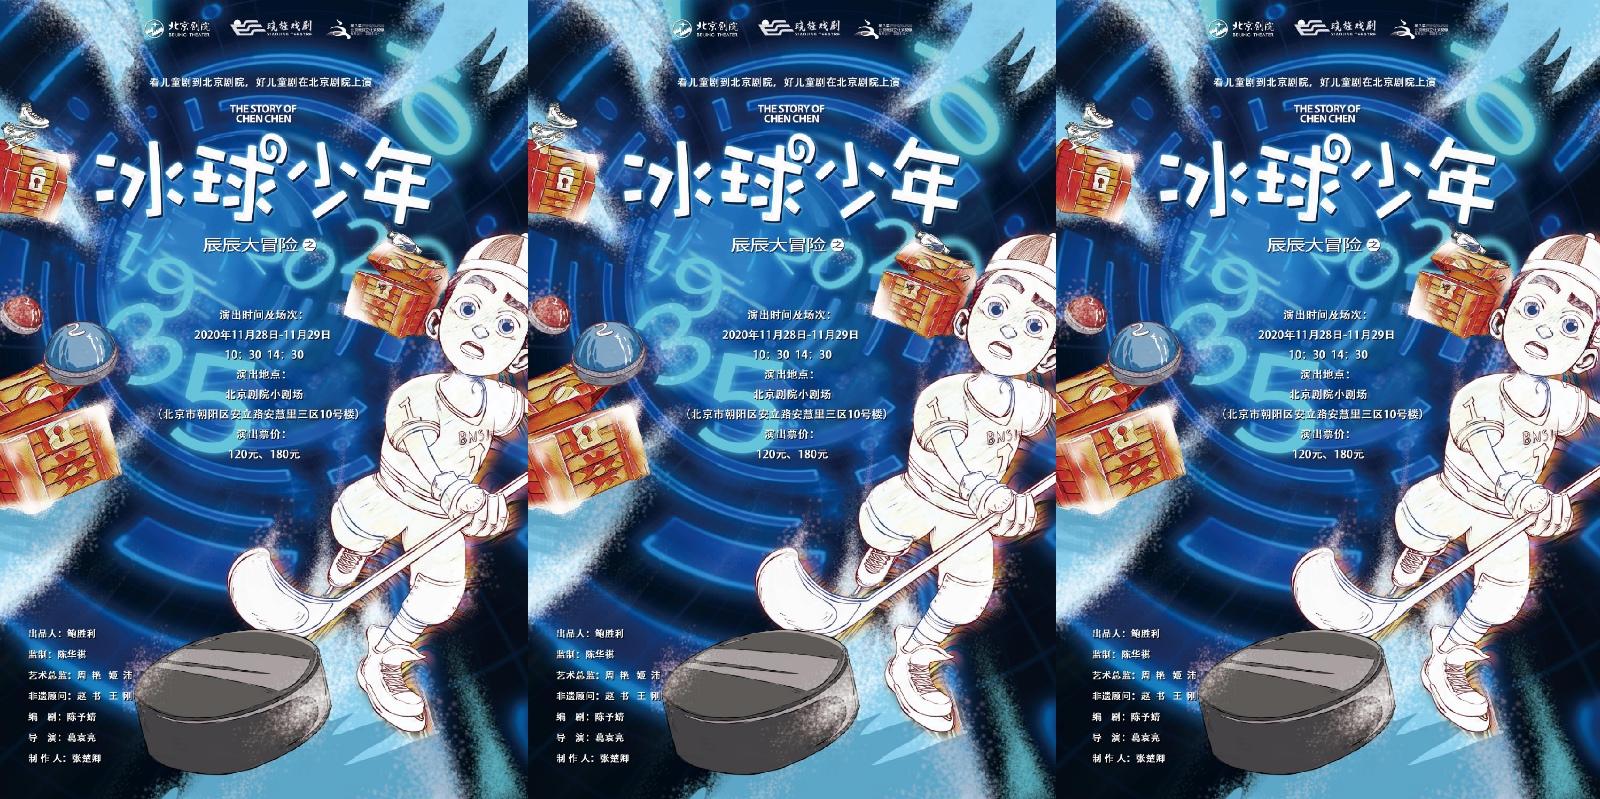 原创家庭音乐剧《辰辰大冒险2之冰球少年》暖心开票